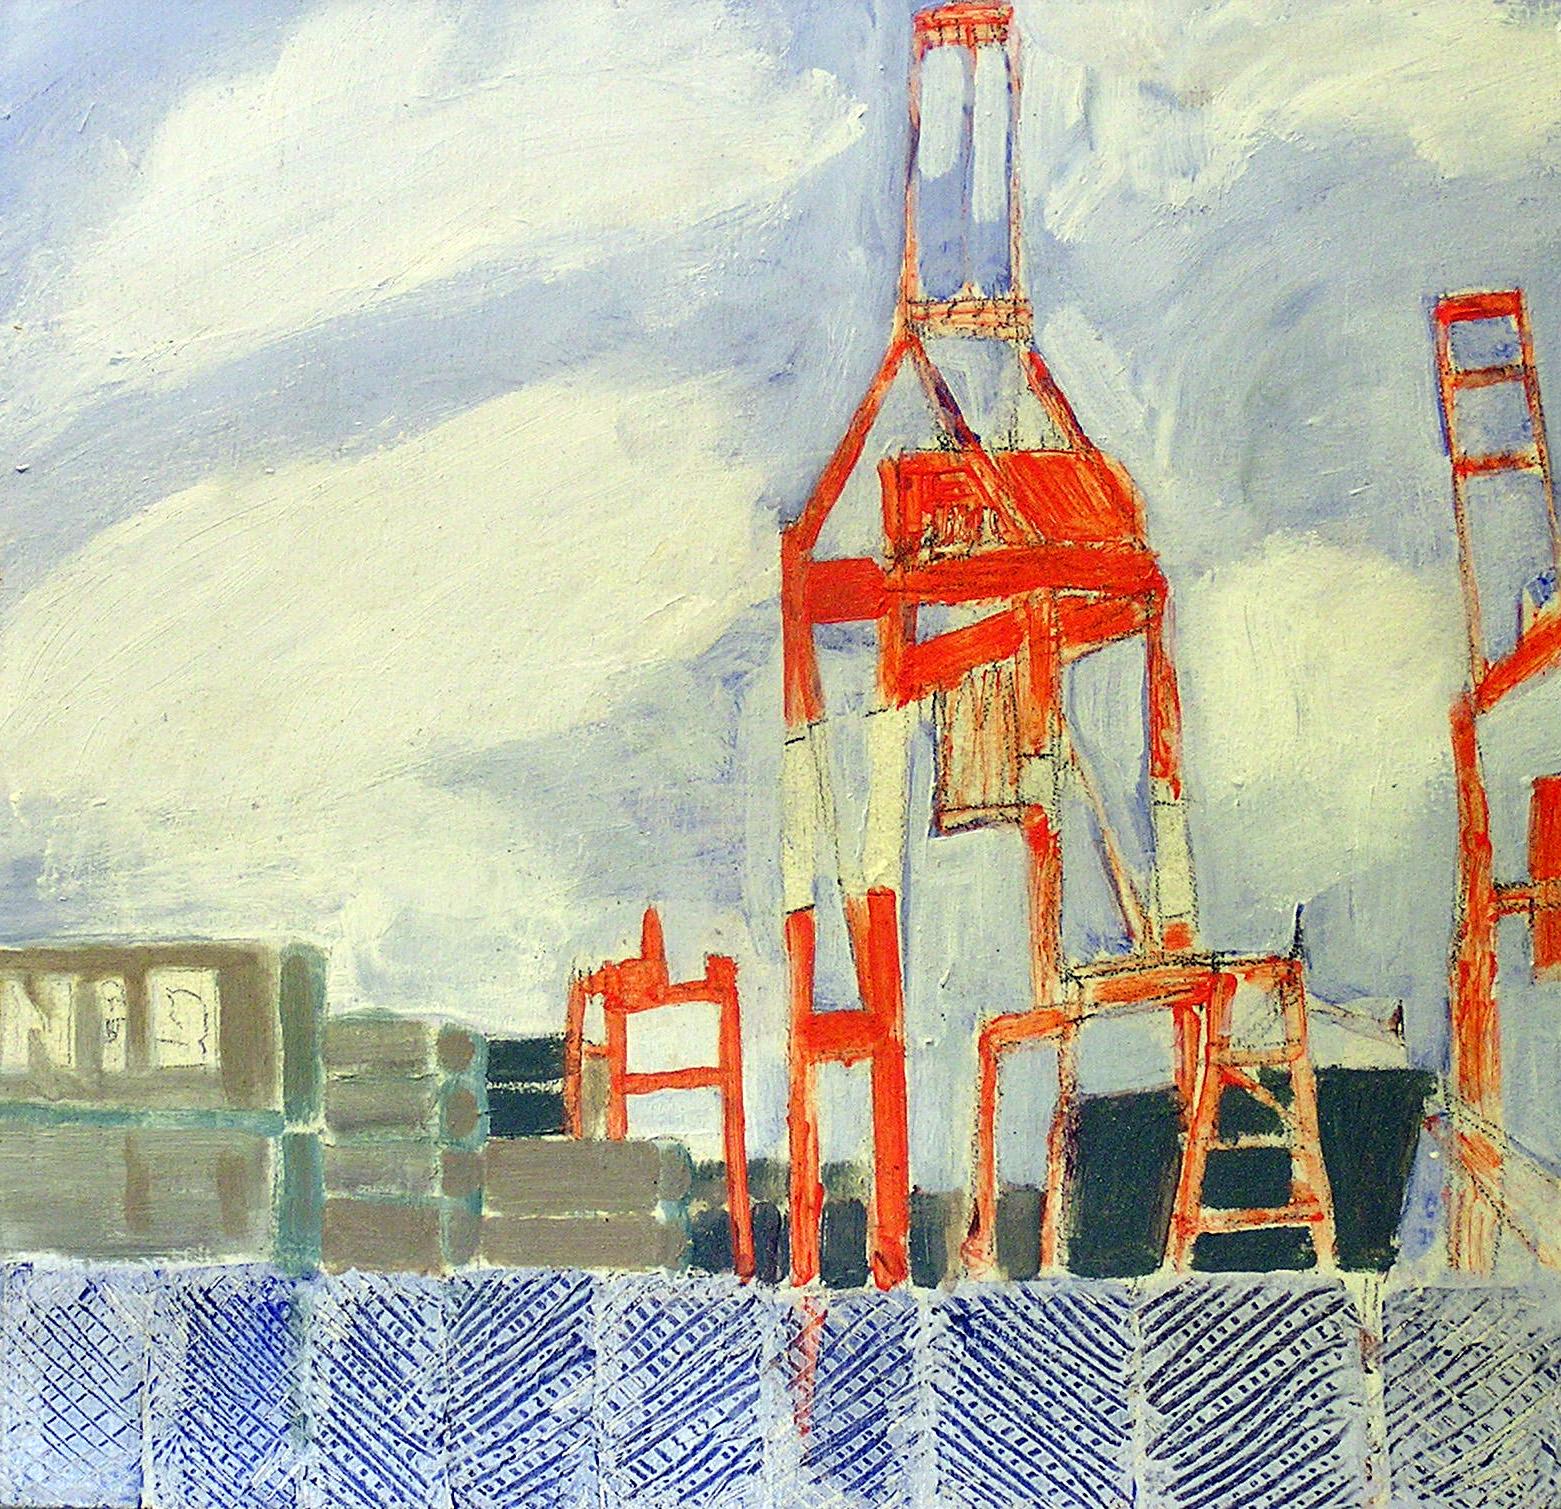 Halifax Harbour, Cranes